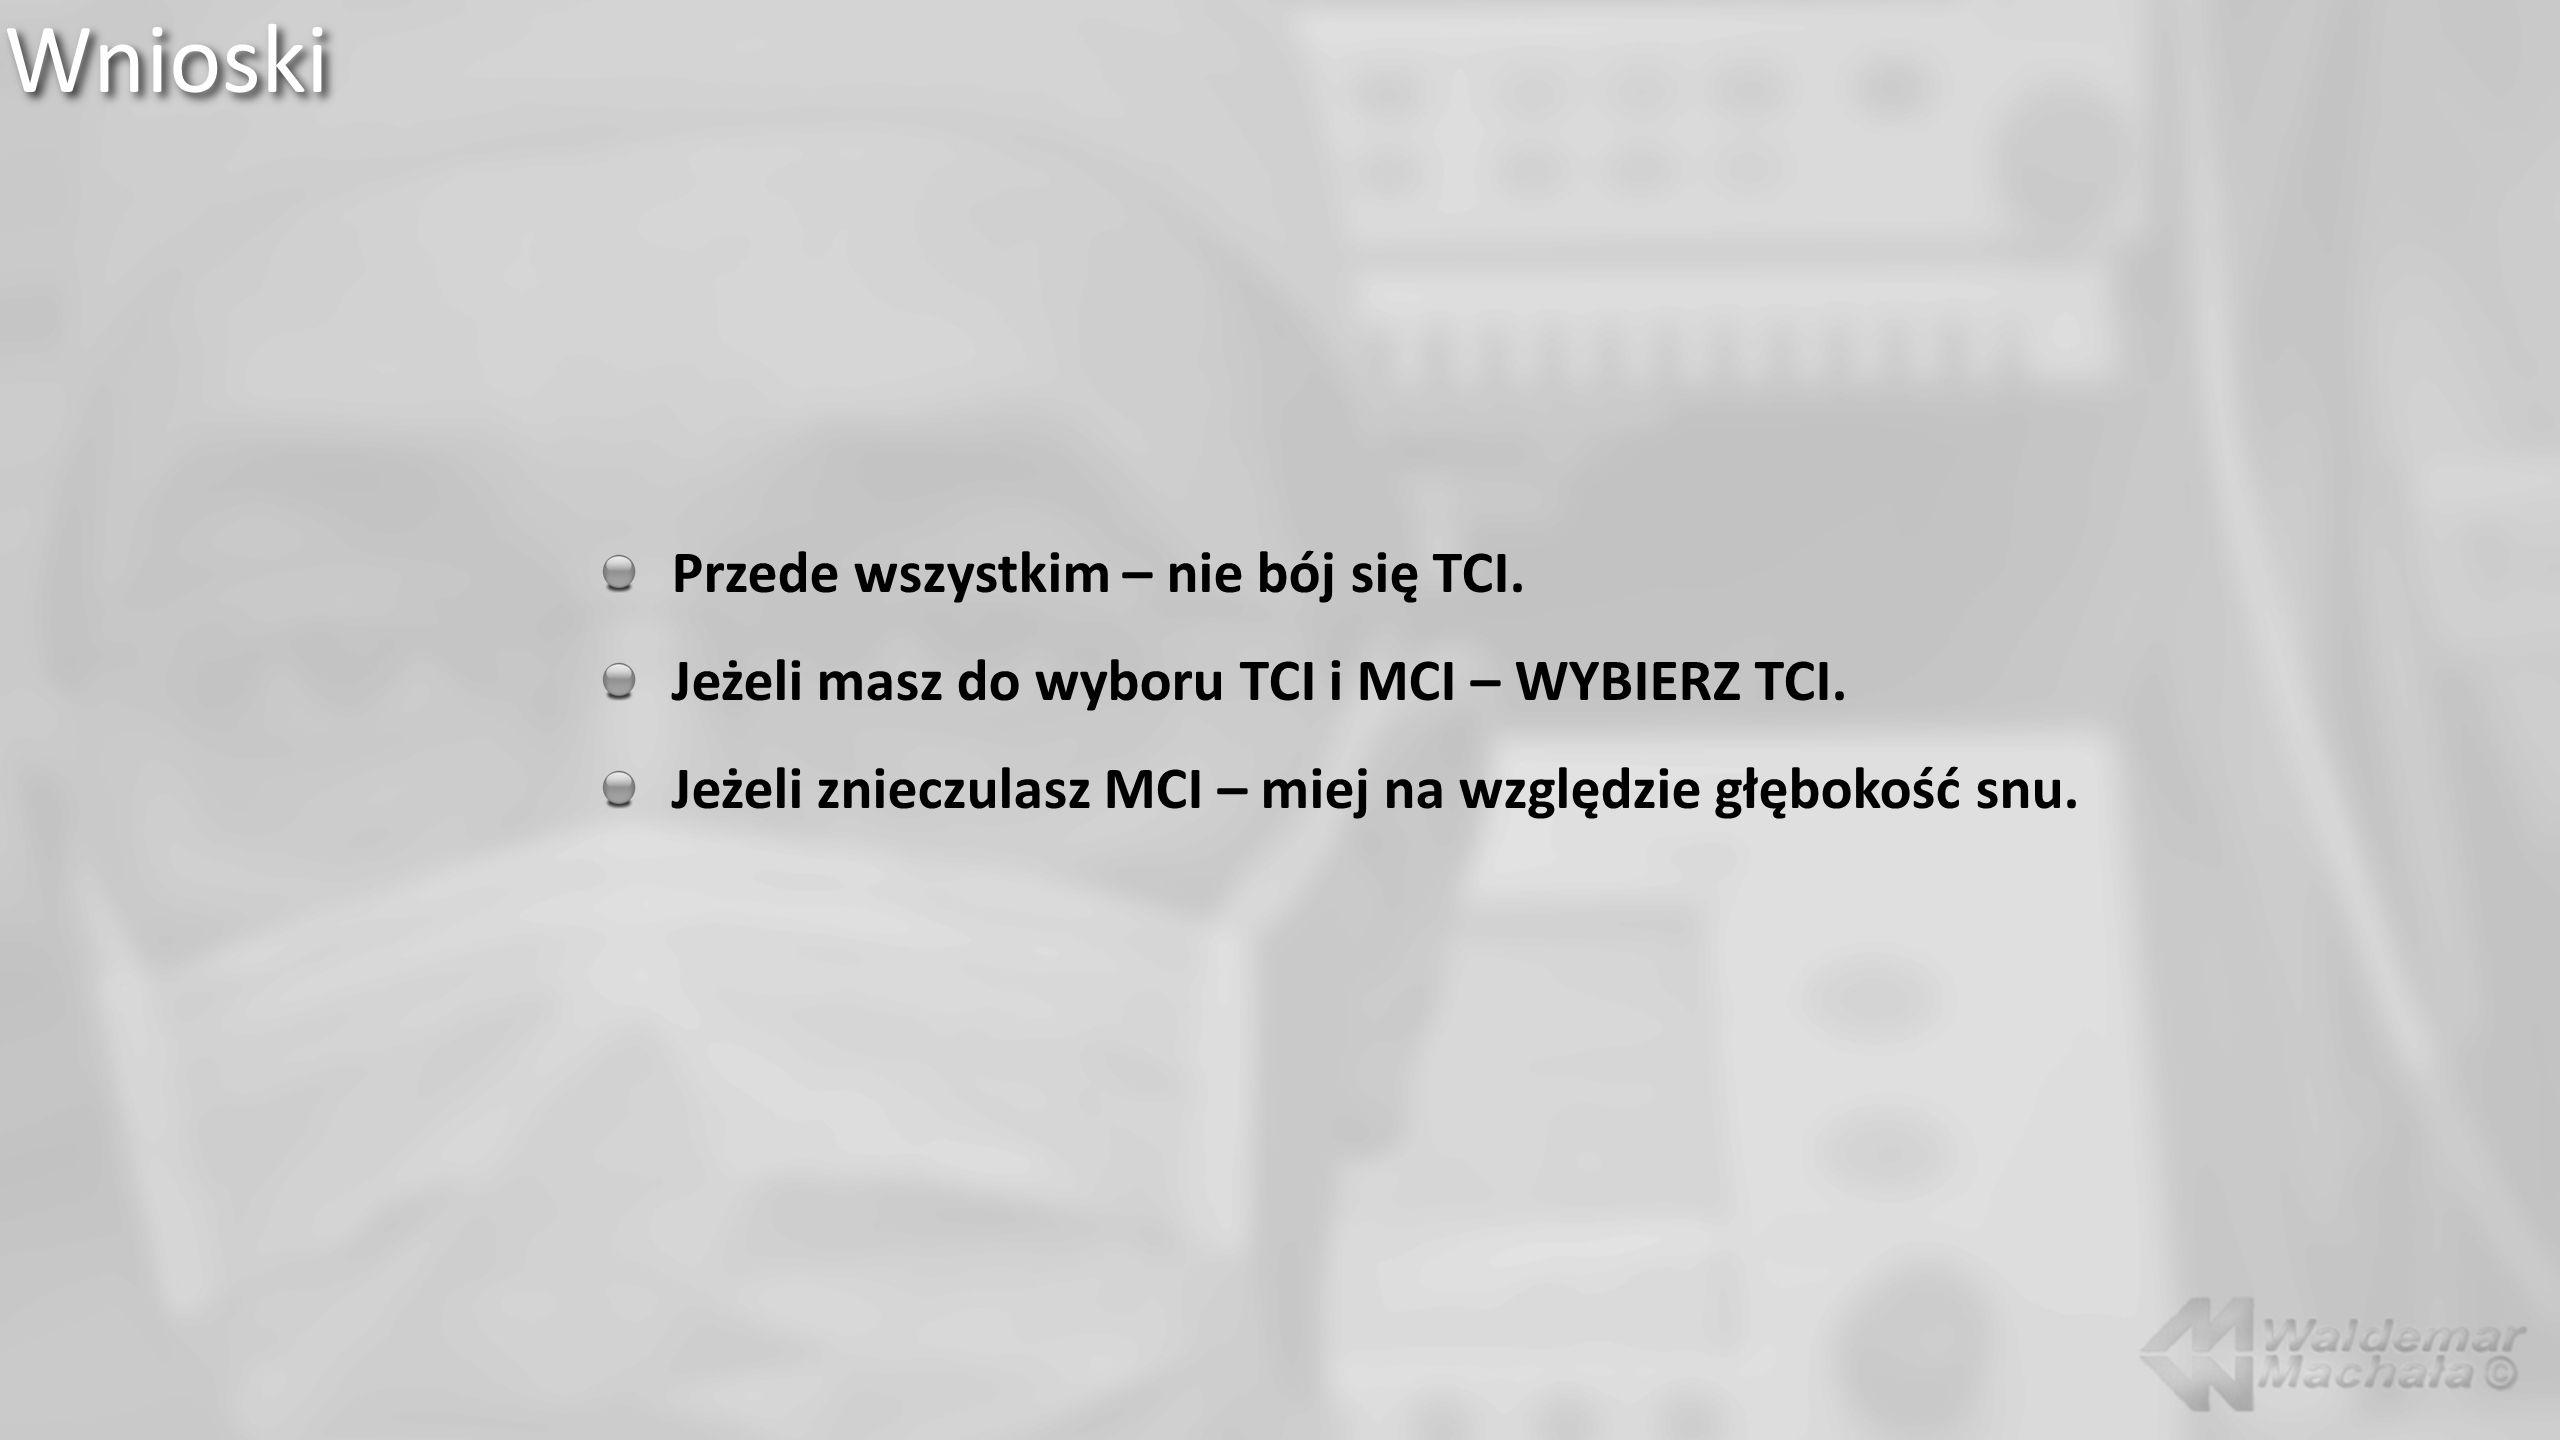 Wnioski Przede wszystkim – nie bój się TCI. Jeżeli masz do wyboru TCI i MCI – WYBIERZ TCI. Jeżeli znieczulasz MCI – miej na względzie głębokość snu.